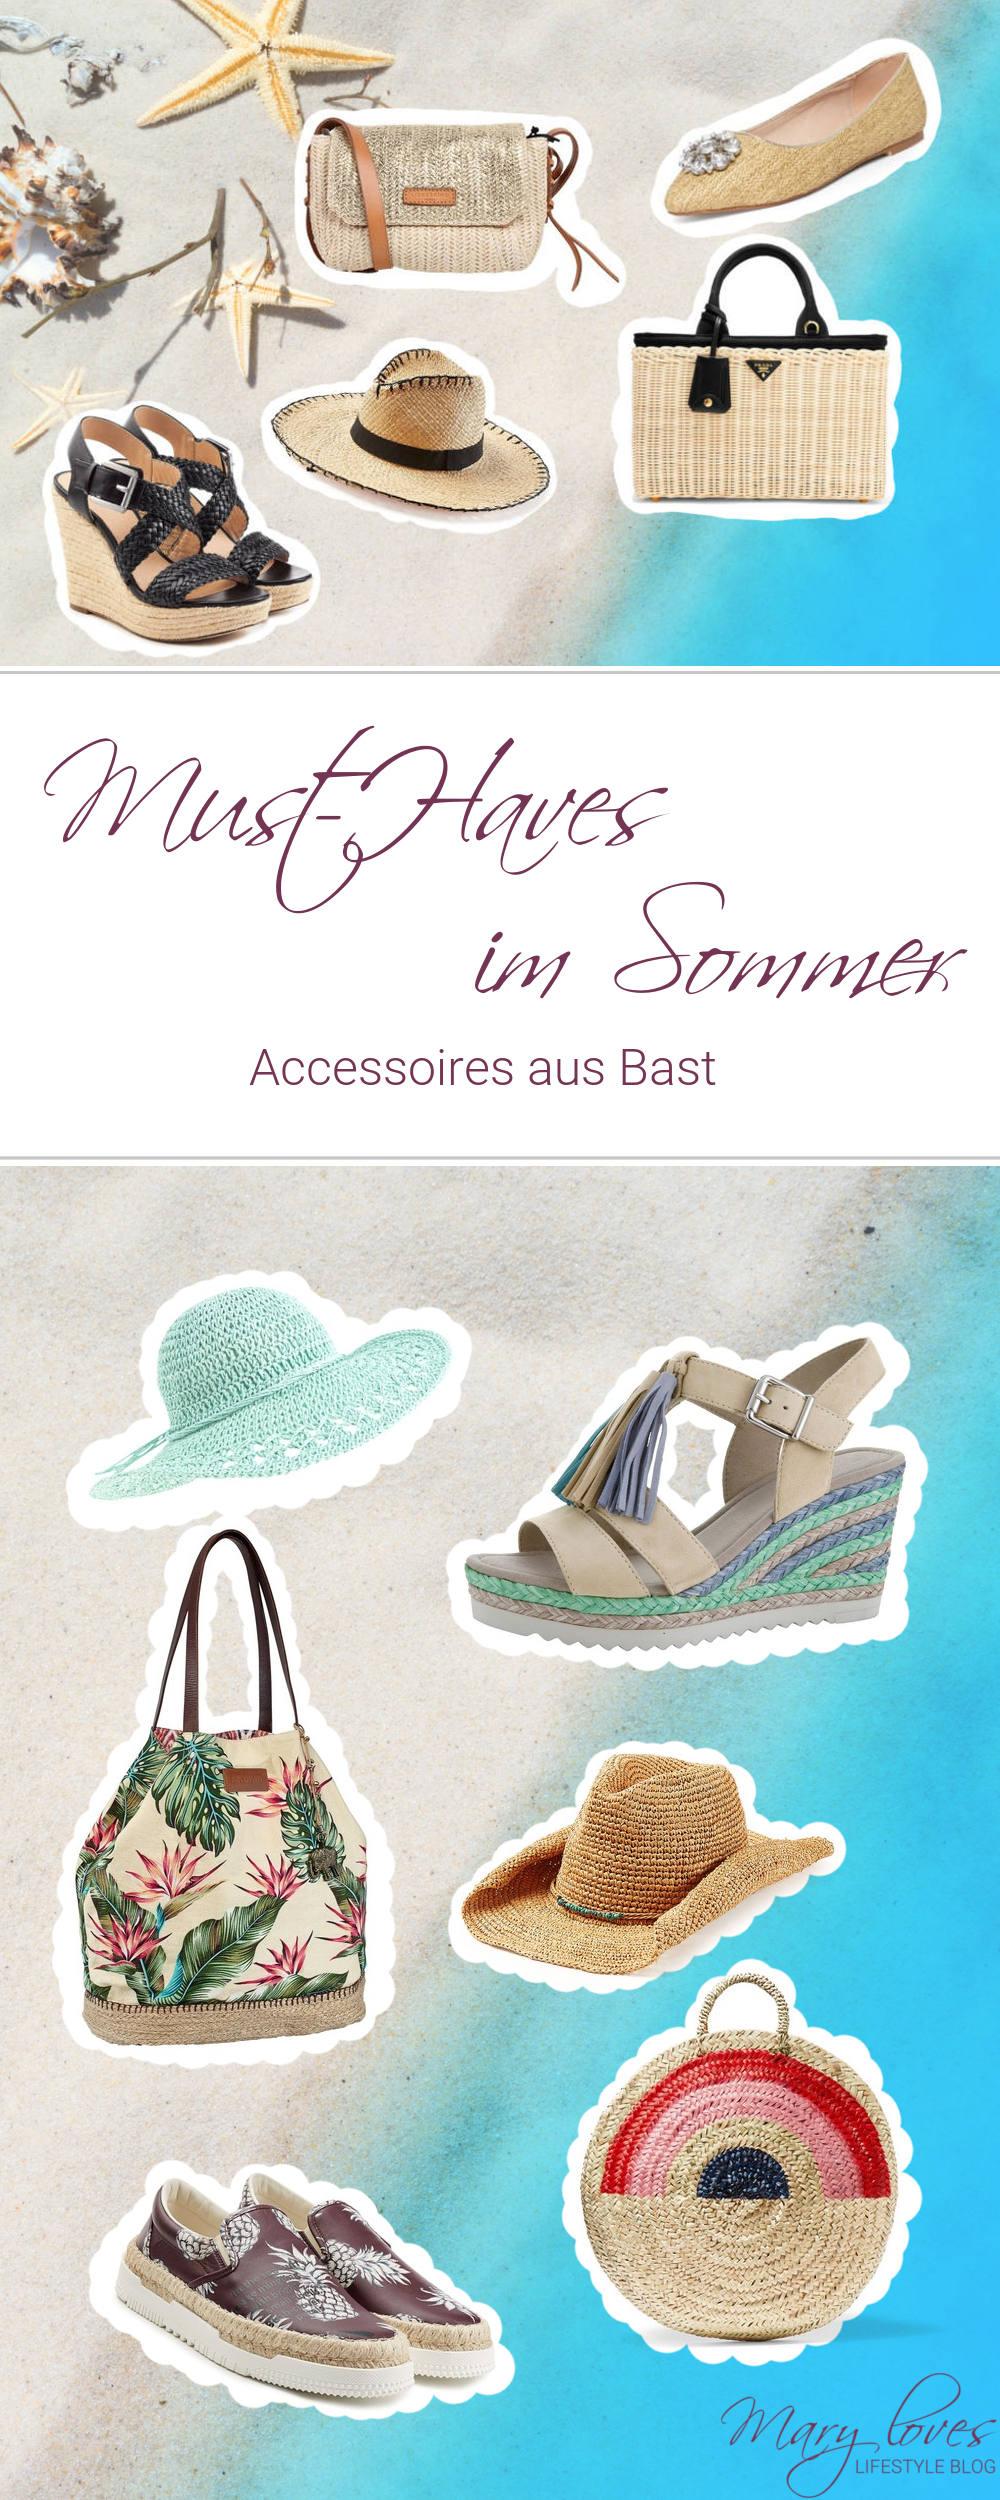 Must-Have des Sommers - Mit Accessoires aus Bast kommt Summerfeeling auf - Das ist der Sommertrend 2017 - Espadrilles, Basthüte und Korbtaschen